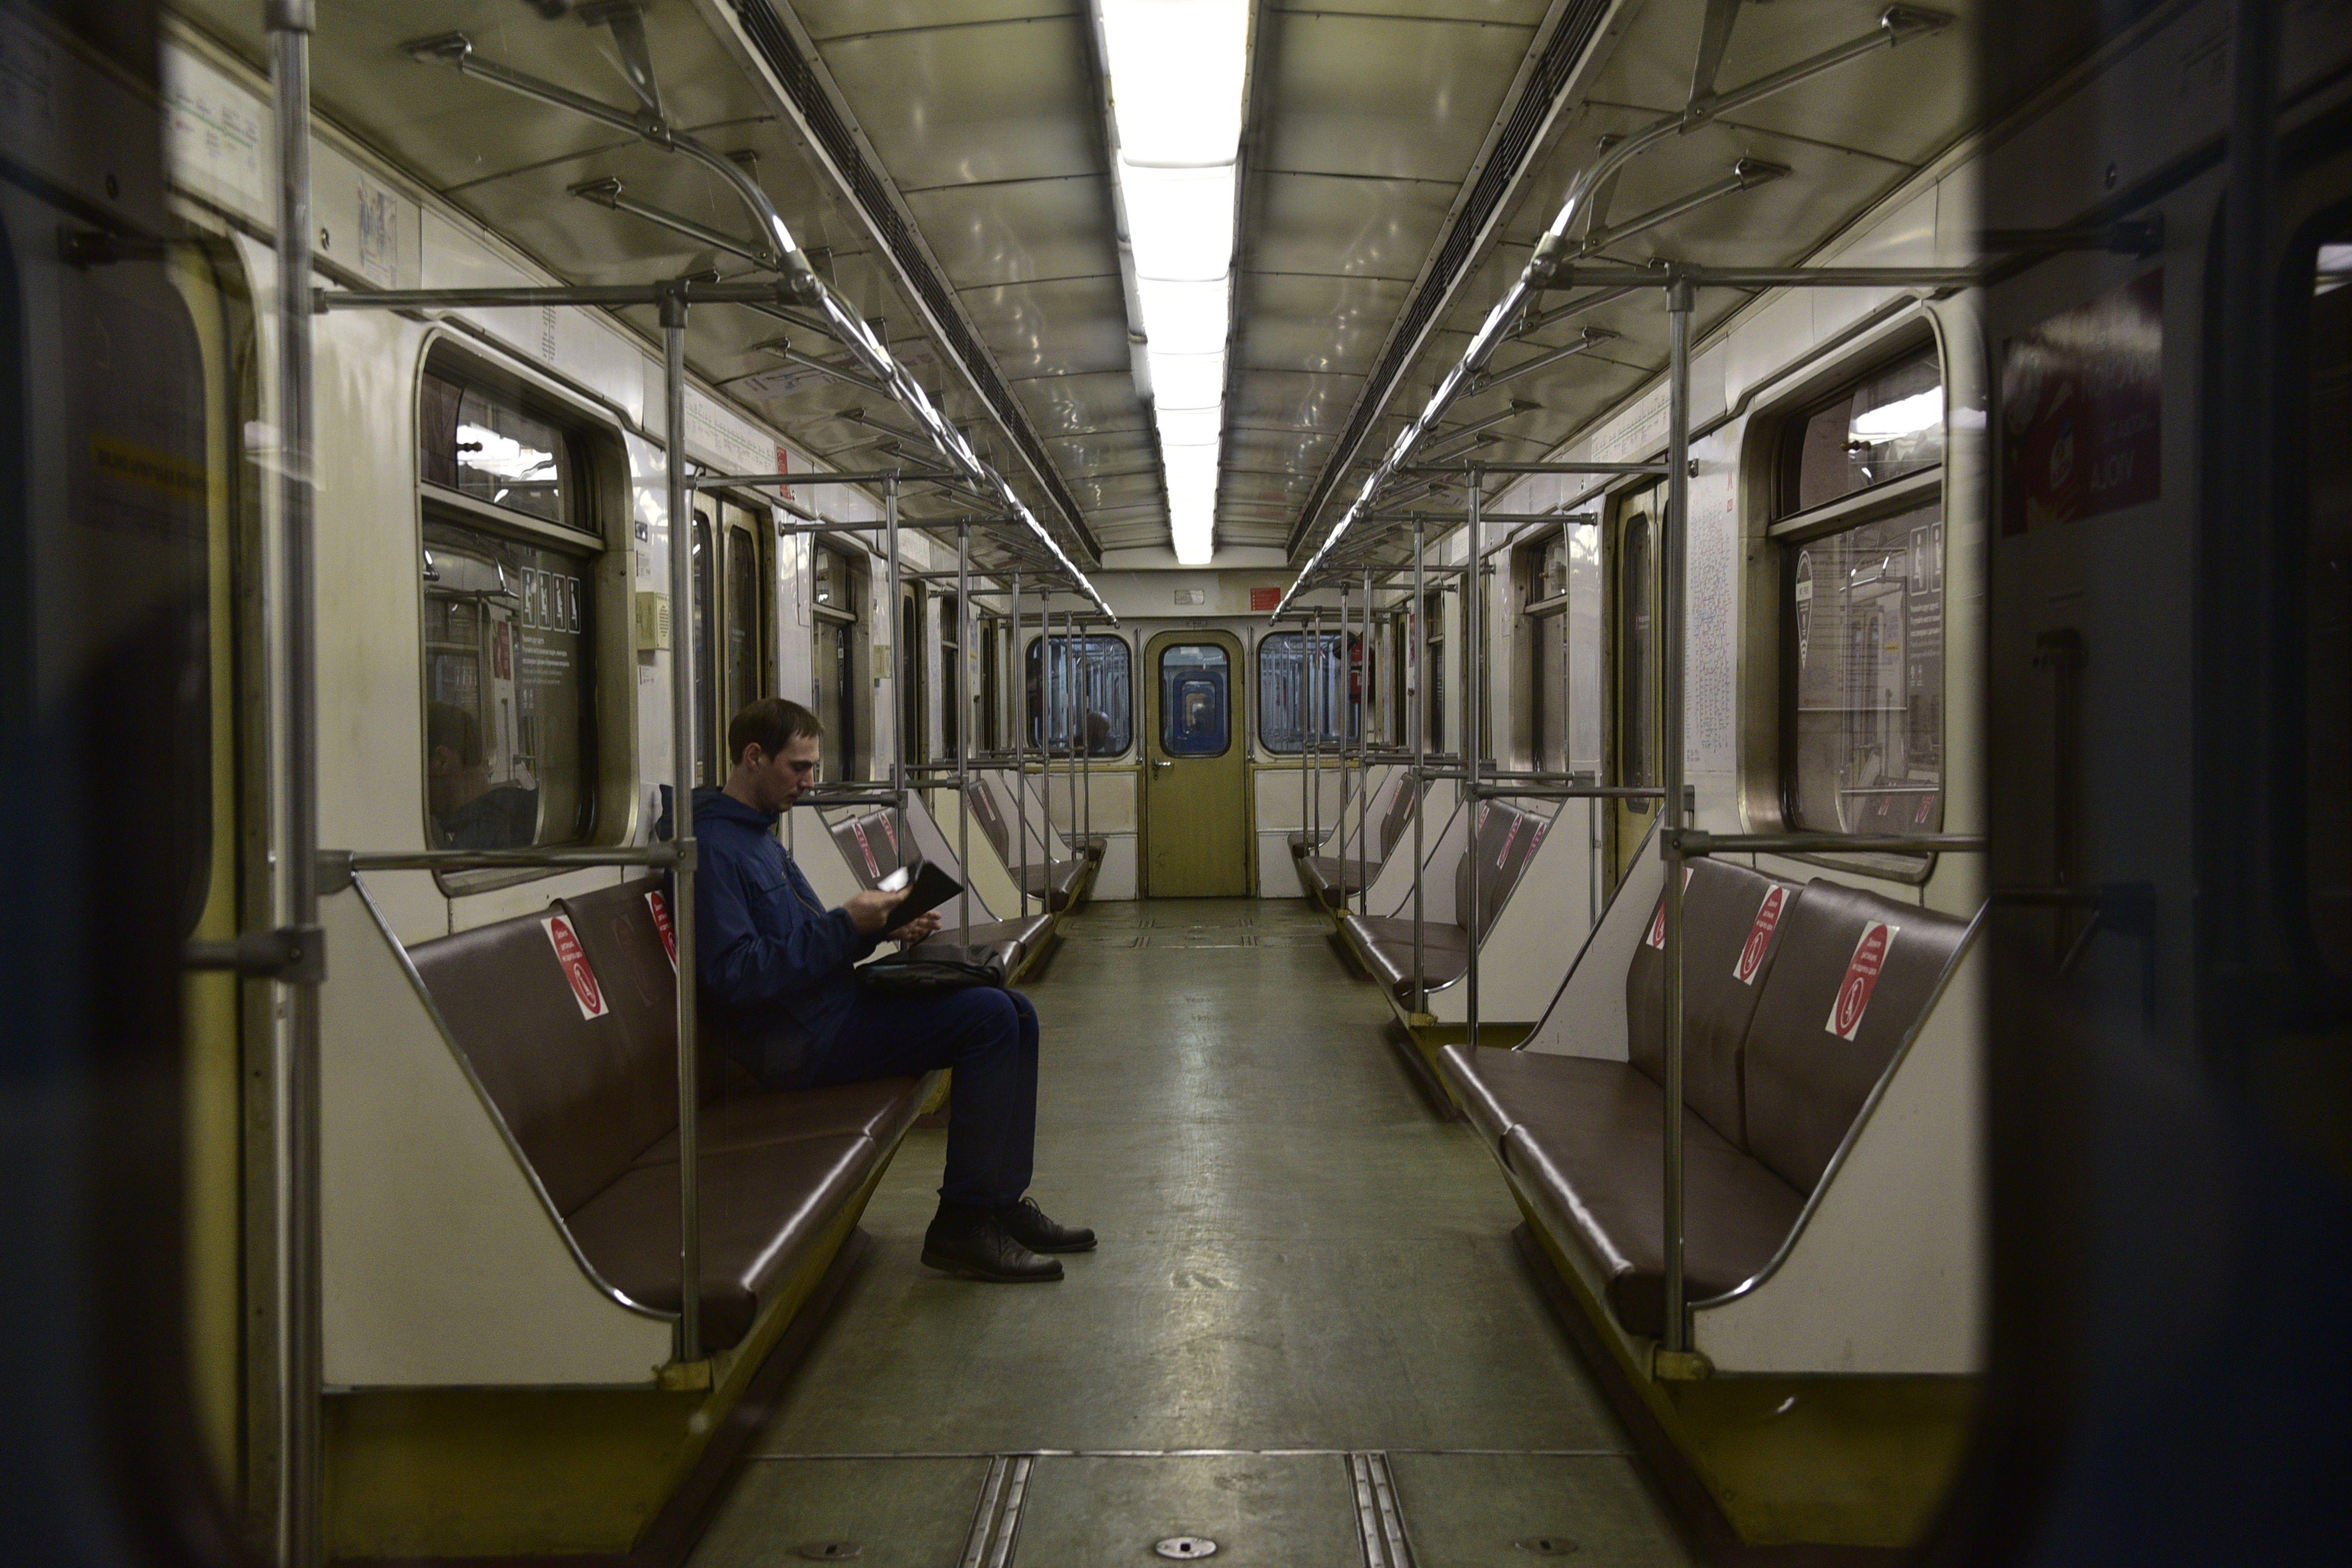 Свободные вагоны в московском метро обозначили стикерами